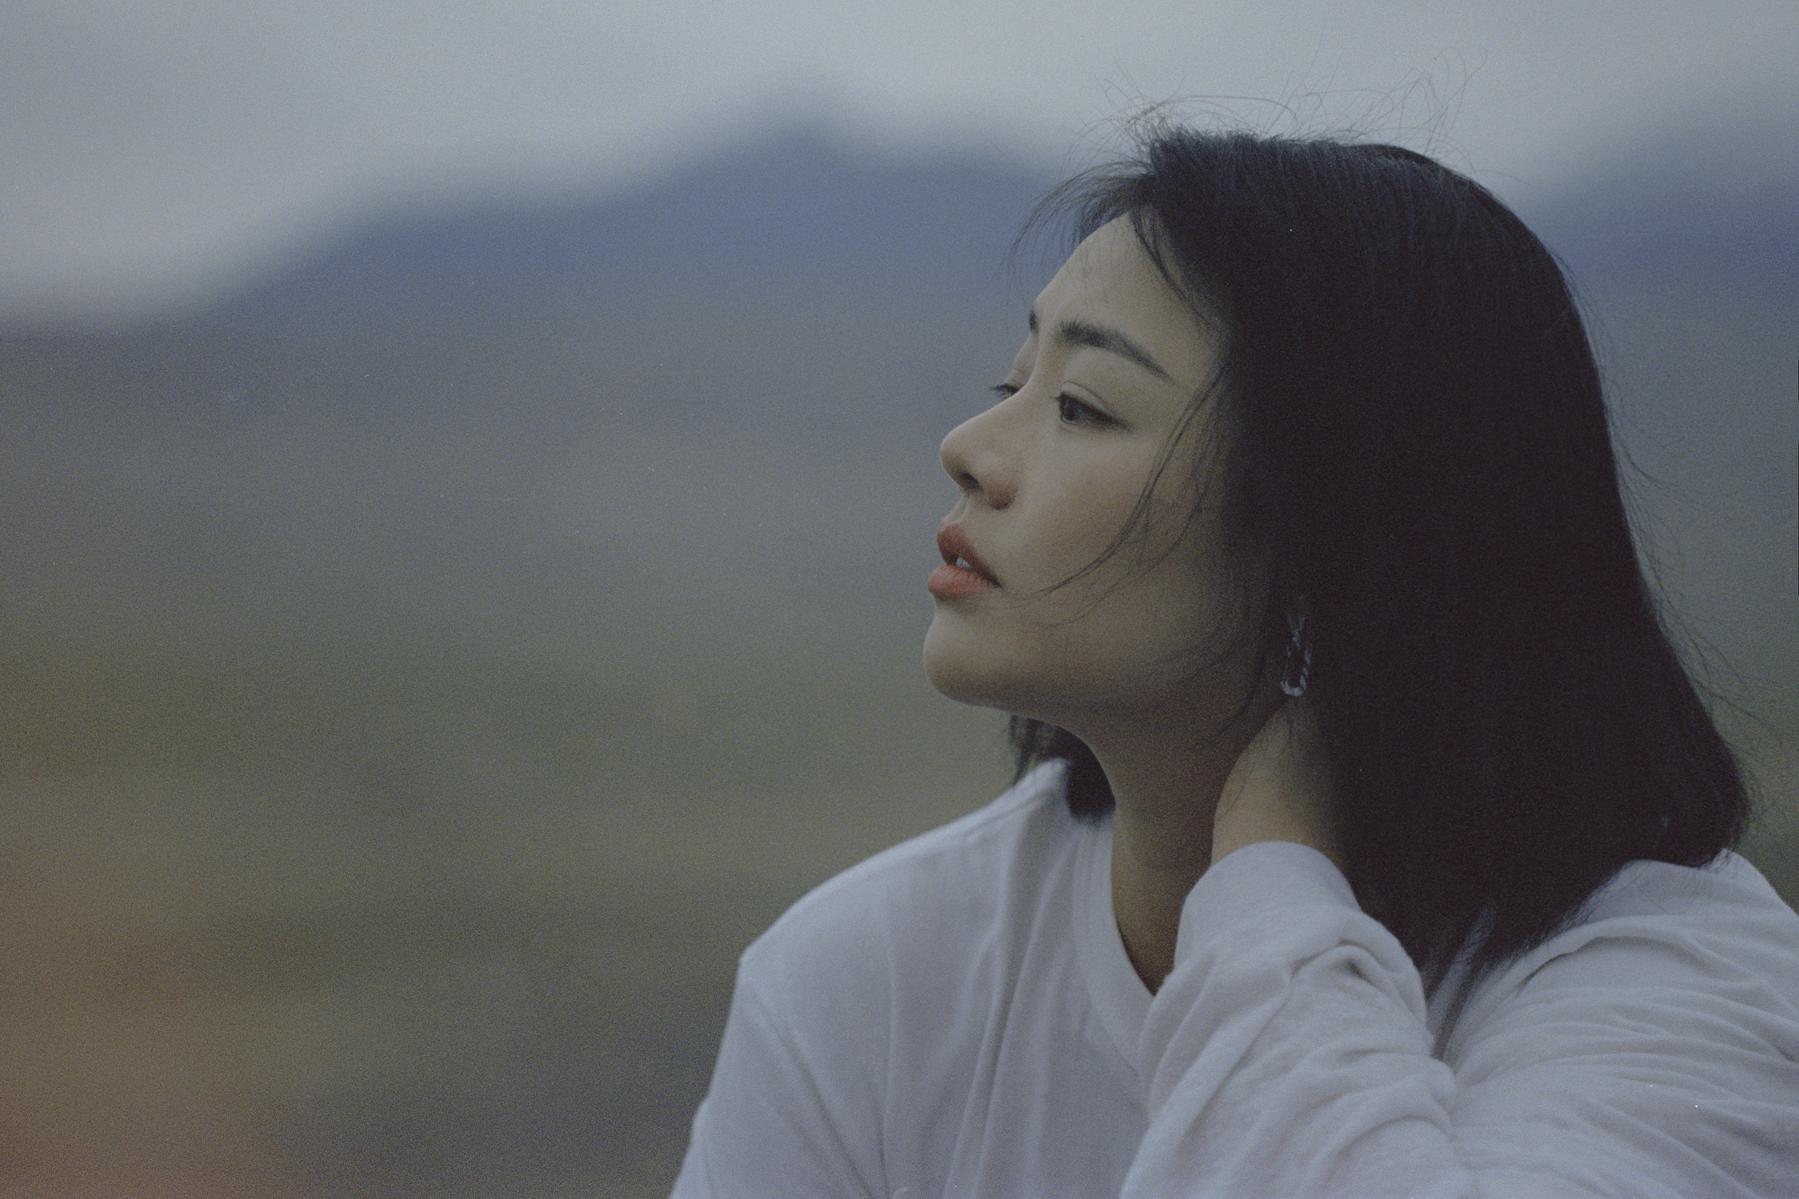 马思纯北疆旅行大片空灵自在 积极生活观展现真实自己